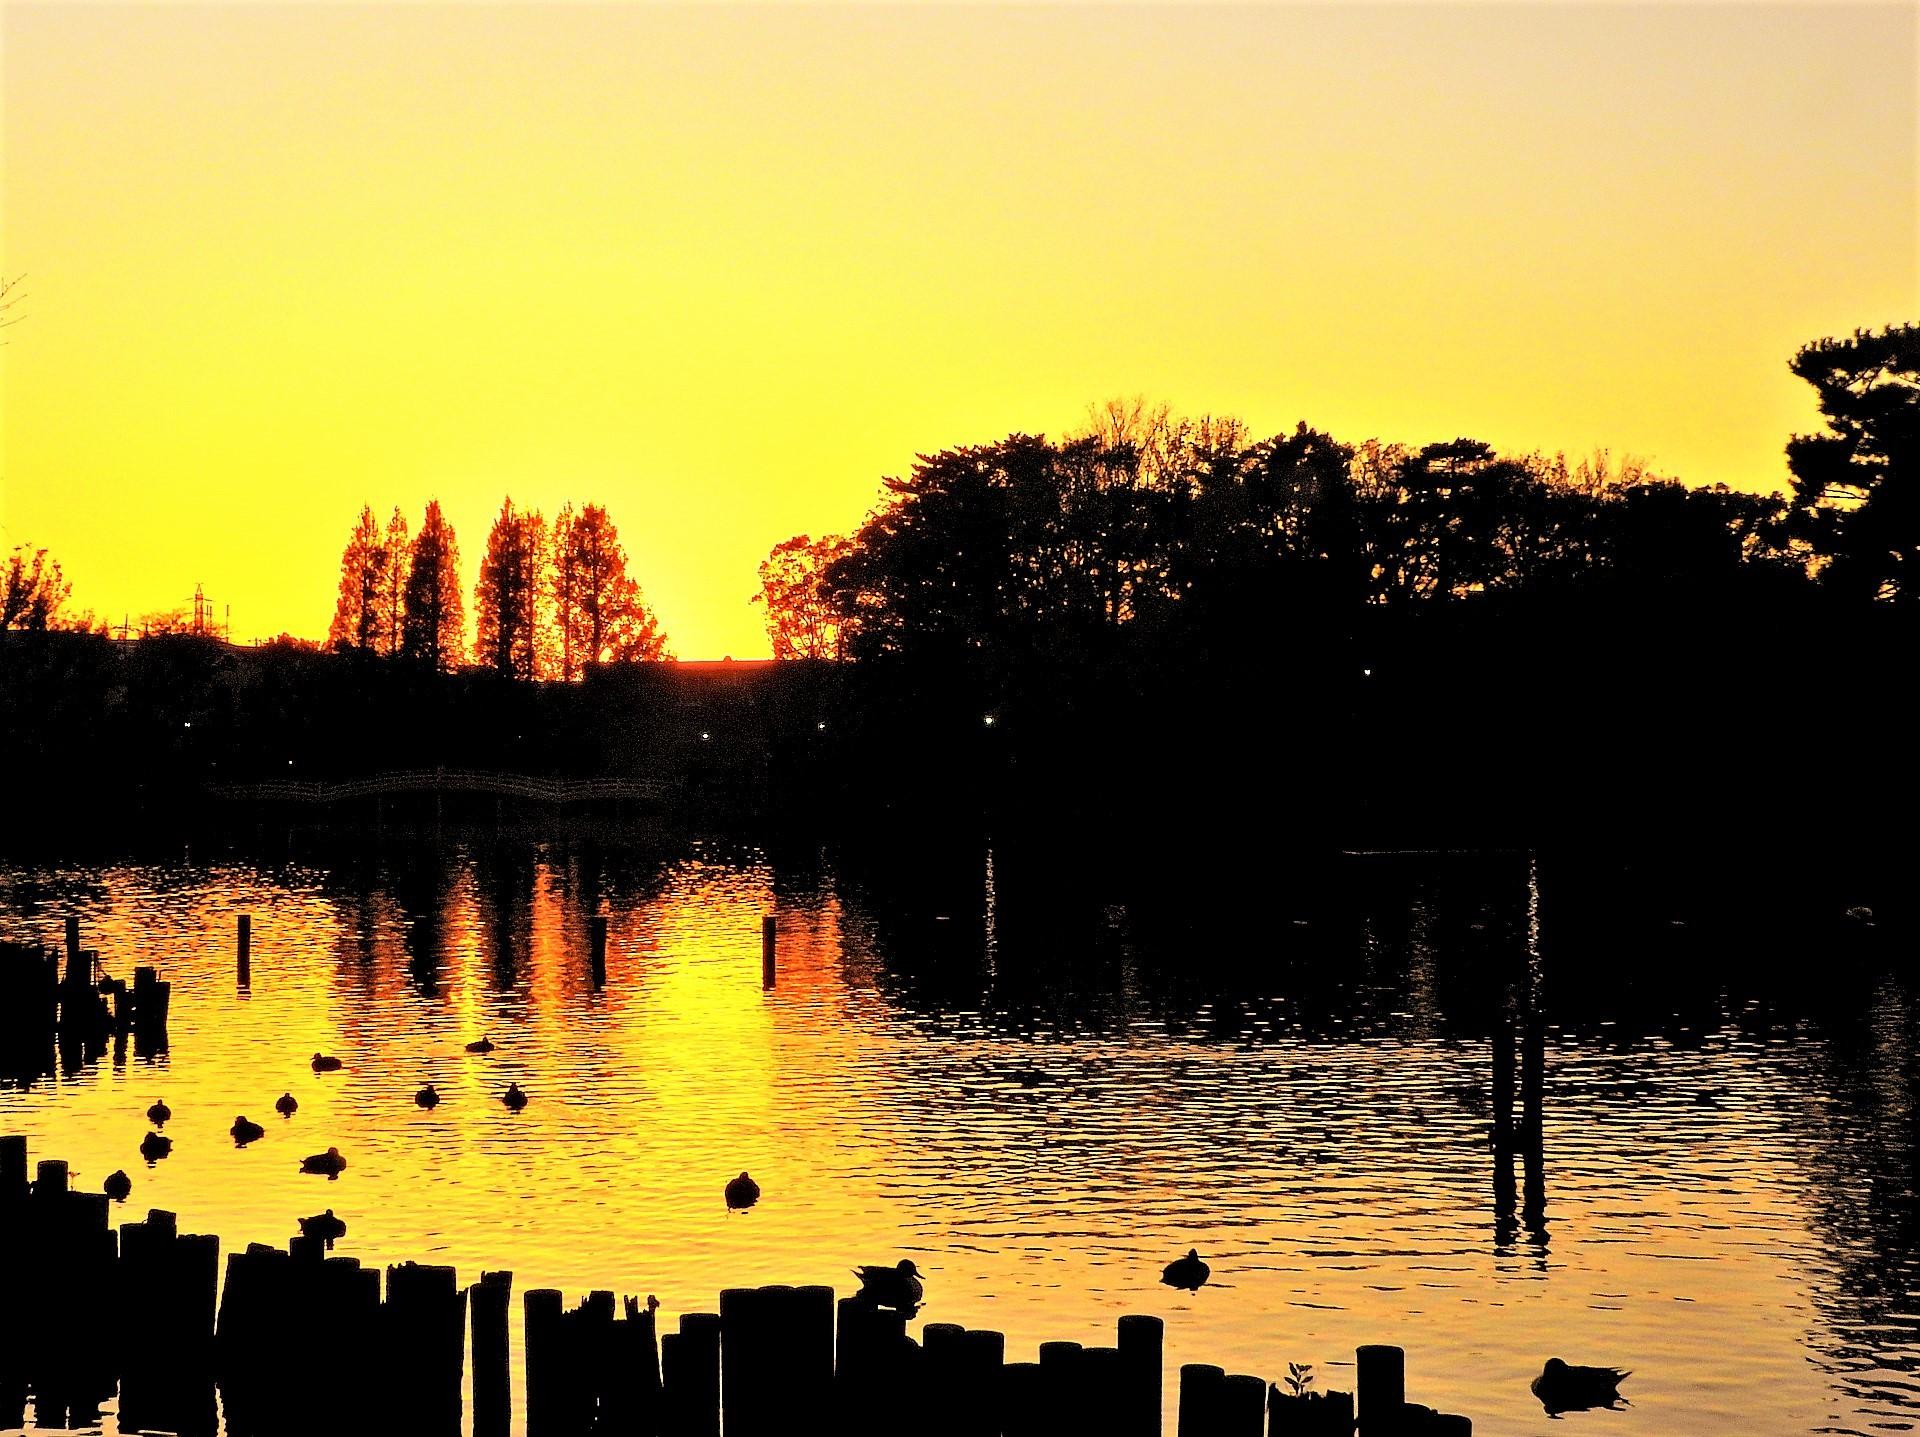 夕暮れ時の【洗足池】光景